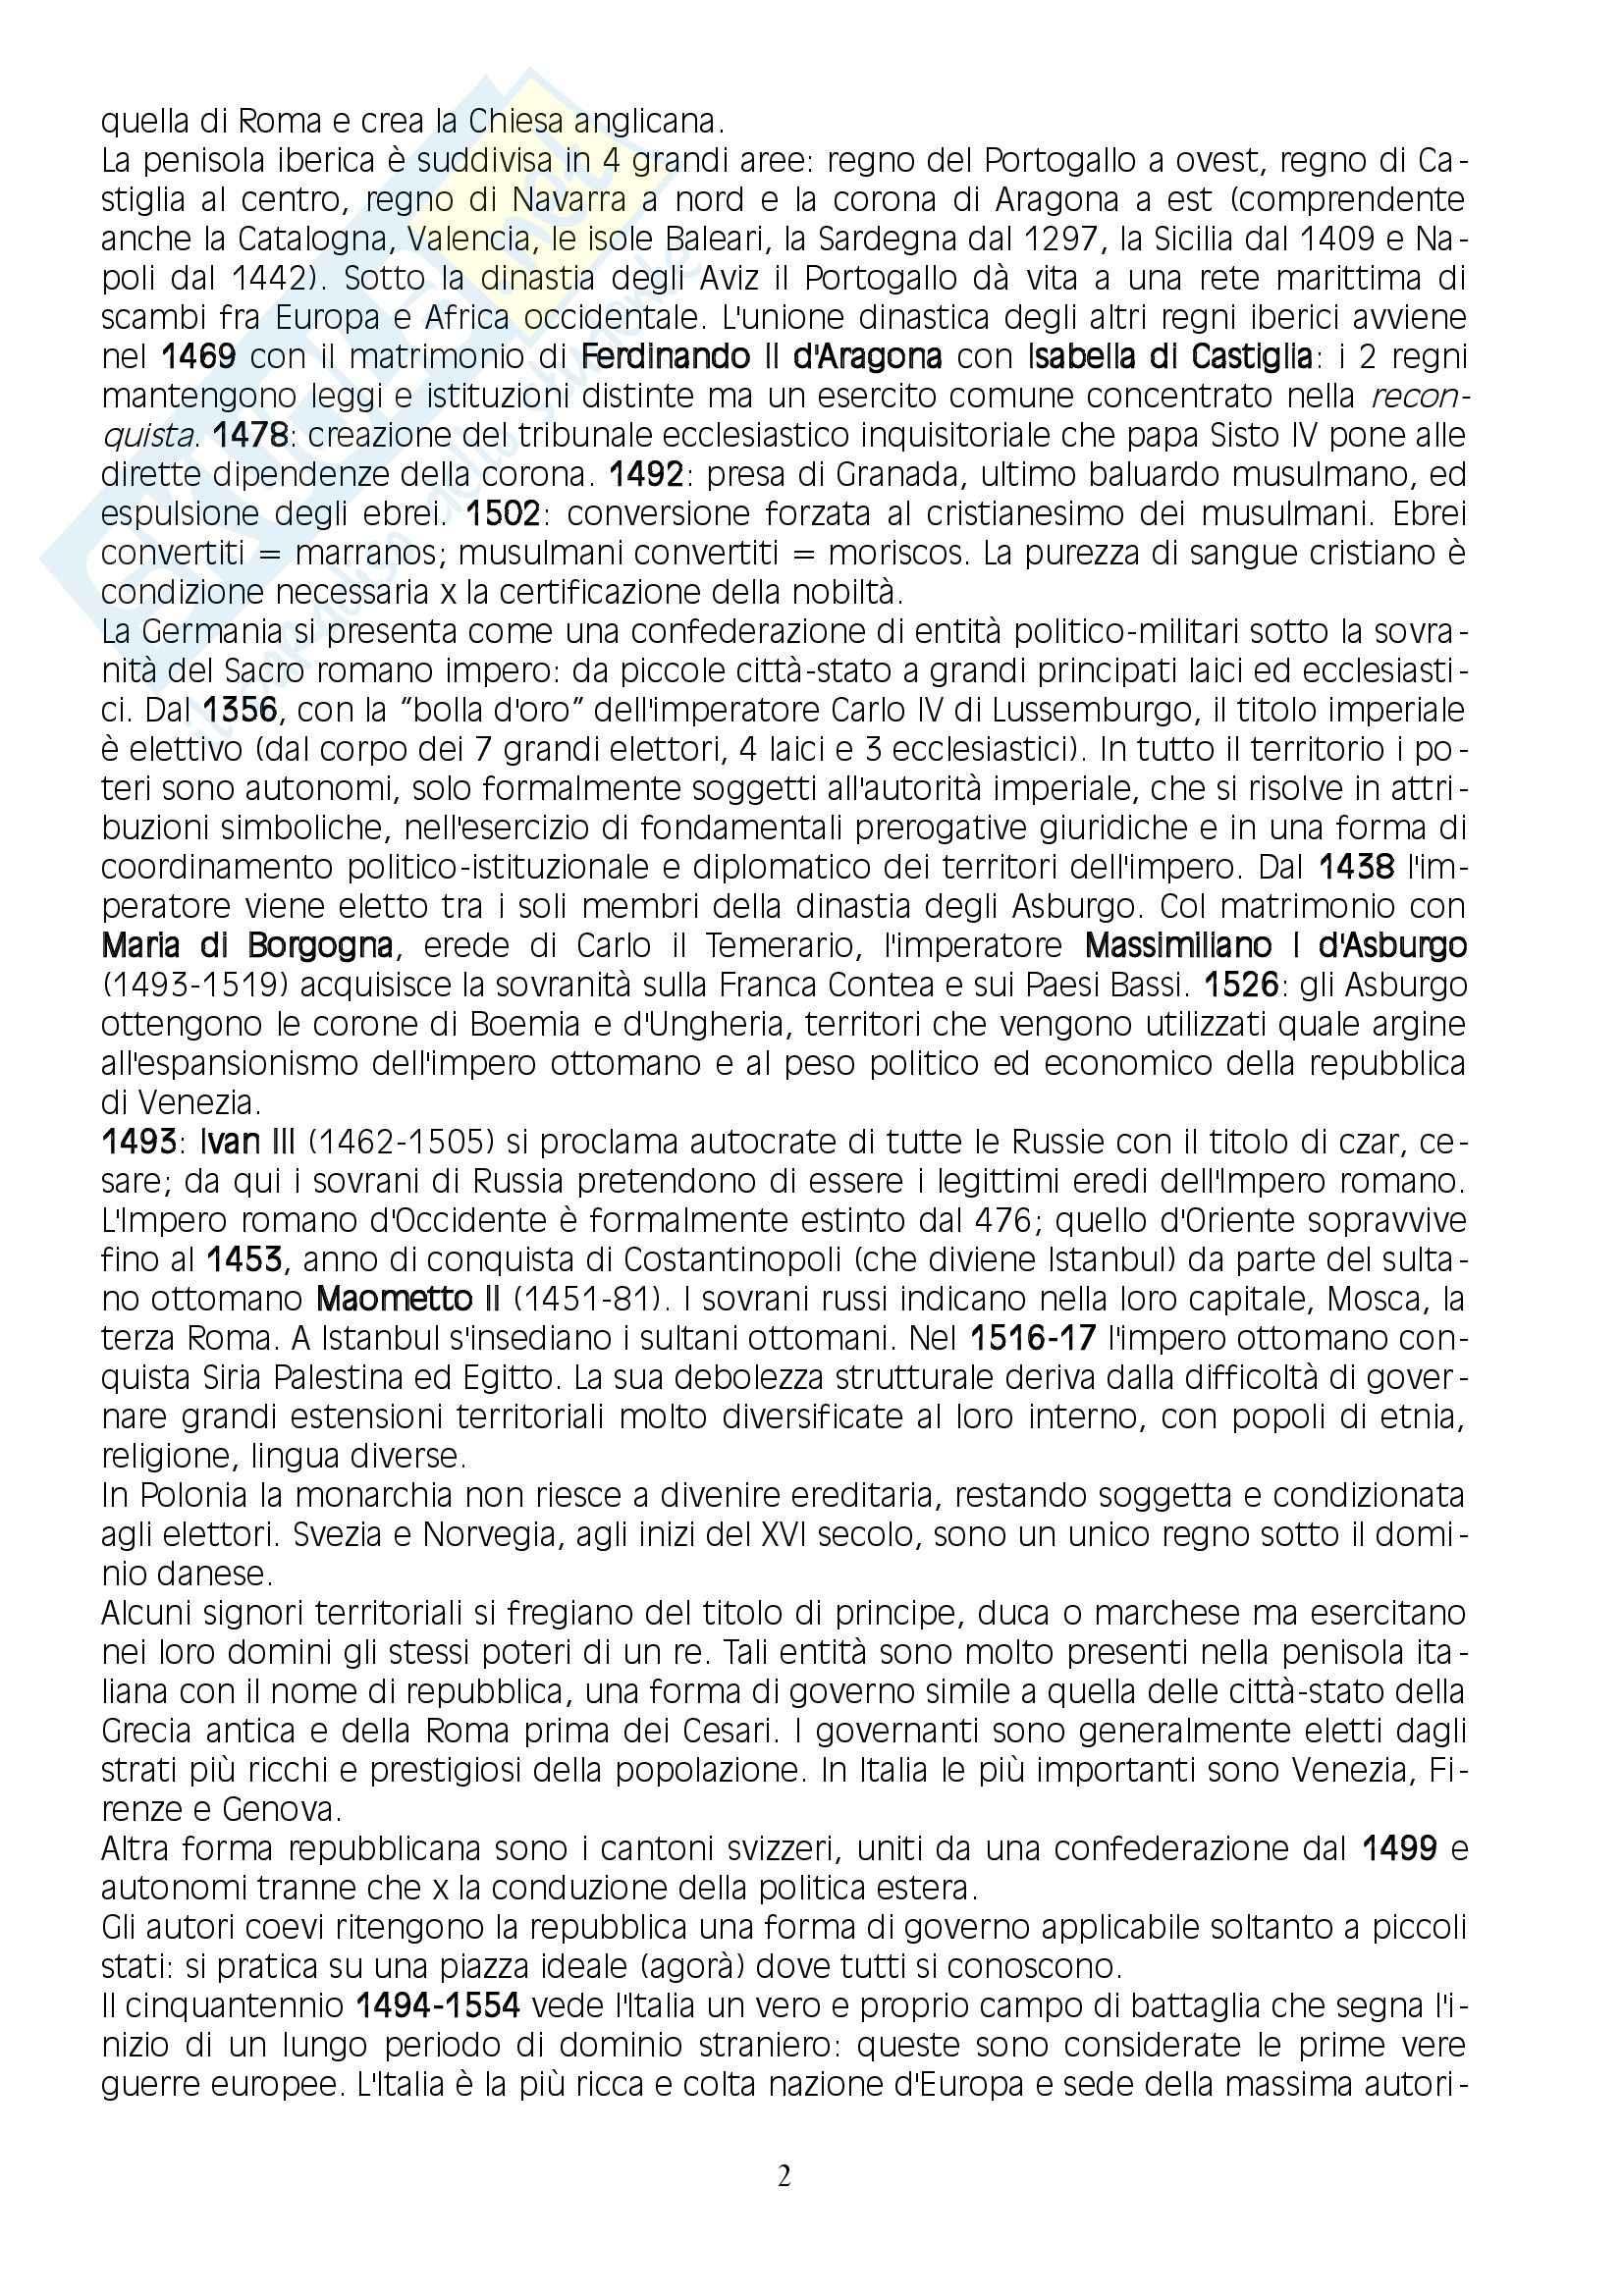 Riassunto esame Storia Moderna, prof. Casella, libro consigliato L'età moderna, Dalla scoperta dell'America alla Restaurazione, Benigno Pag. 2